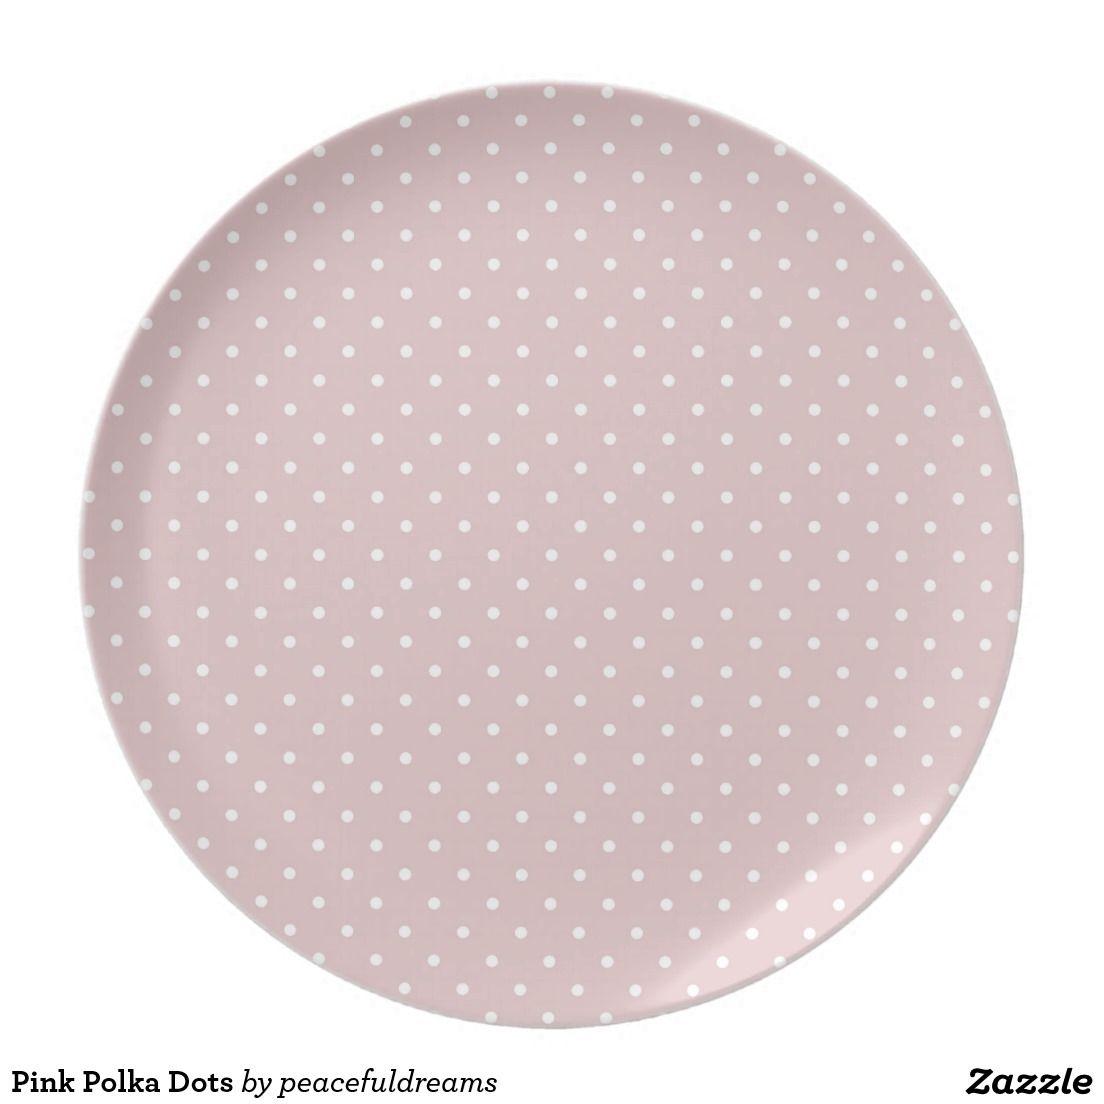 Pink Polka Dots Party Plates Polka Dot Party Plates Pink Plates Polka Dot Party